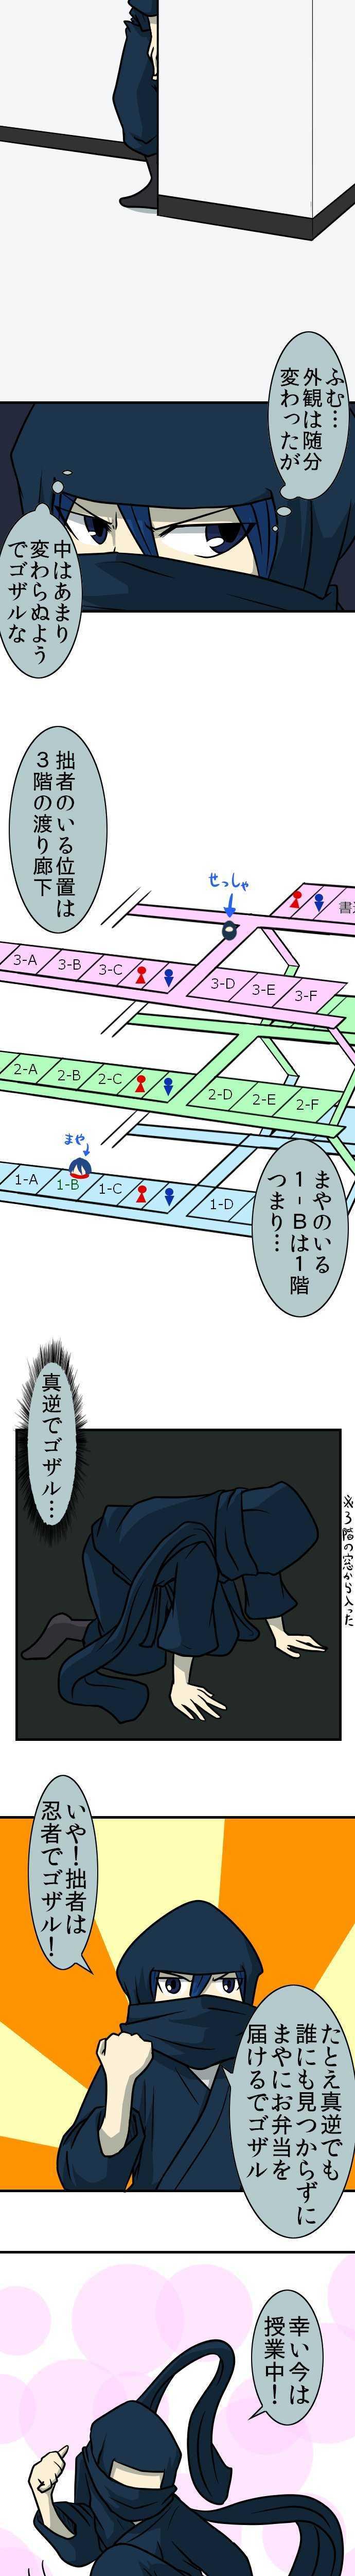 25術目:忍ぶ忘れ物(其の弐)